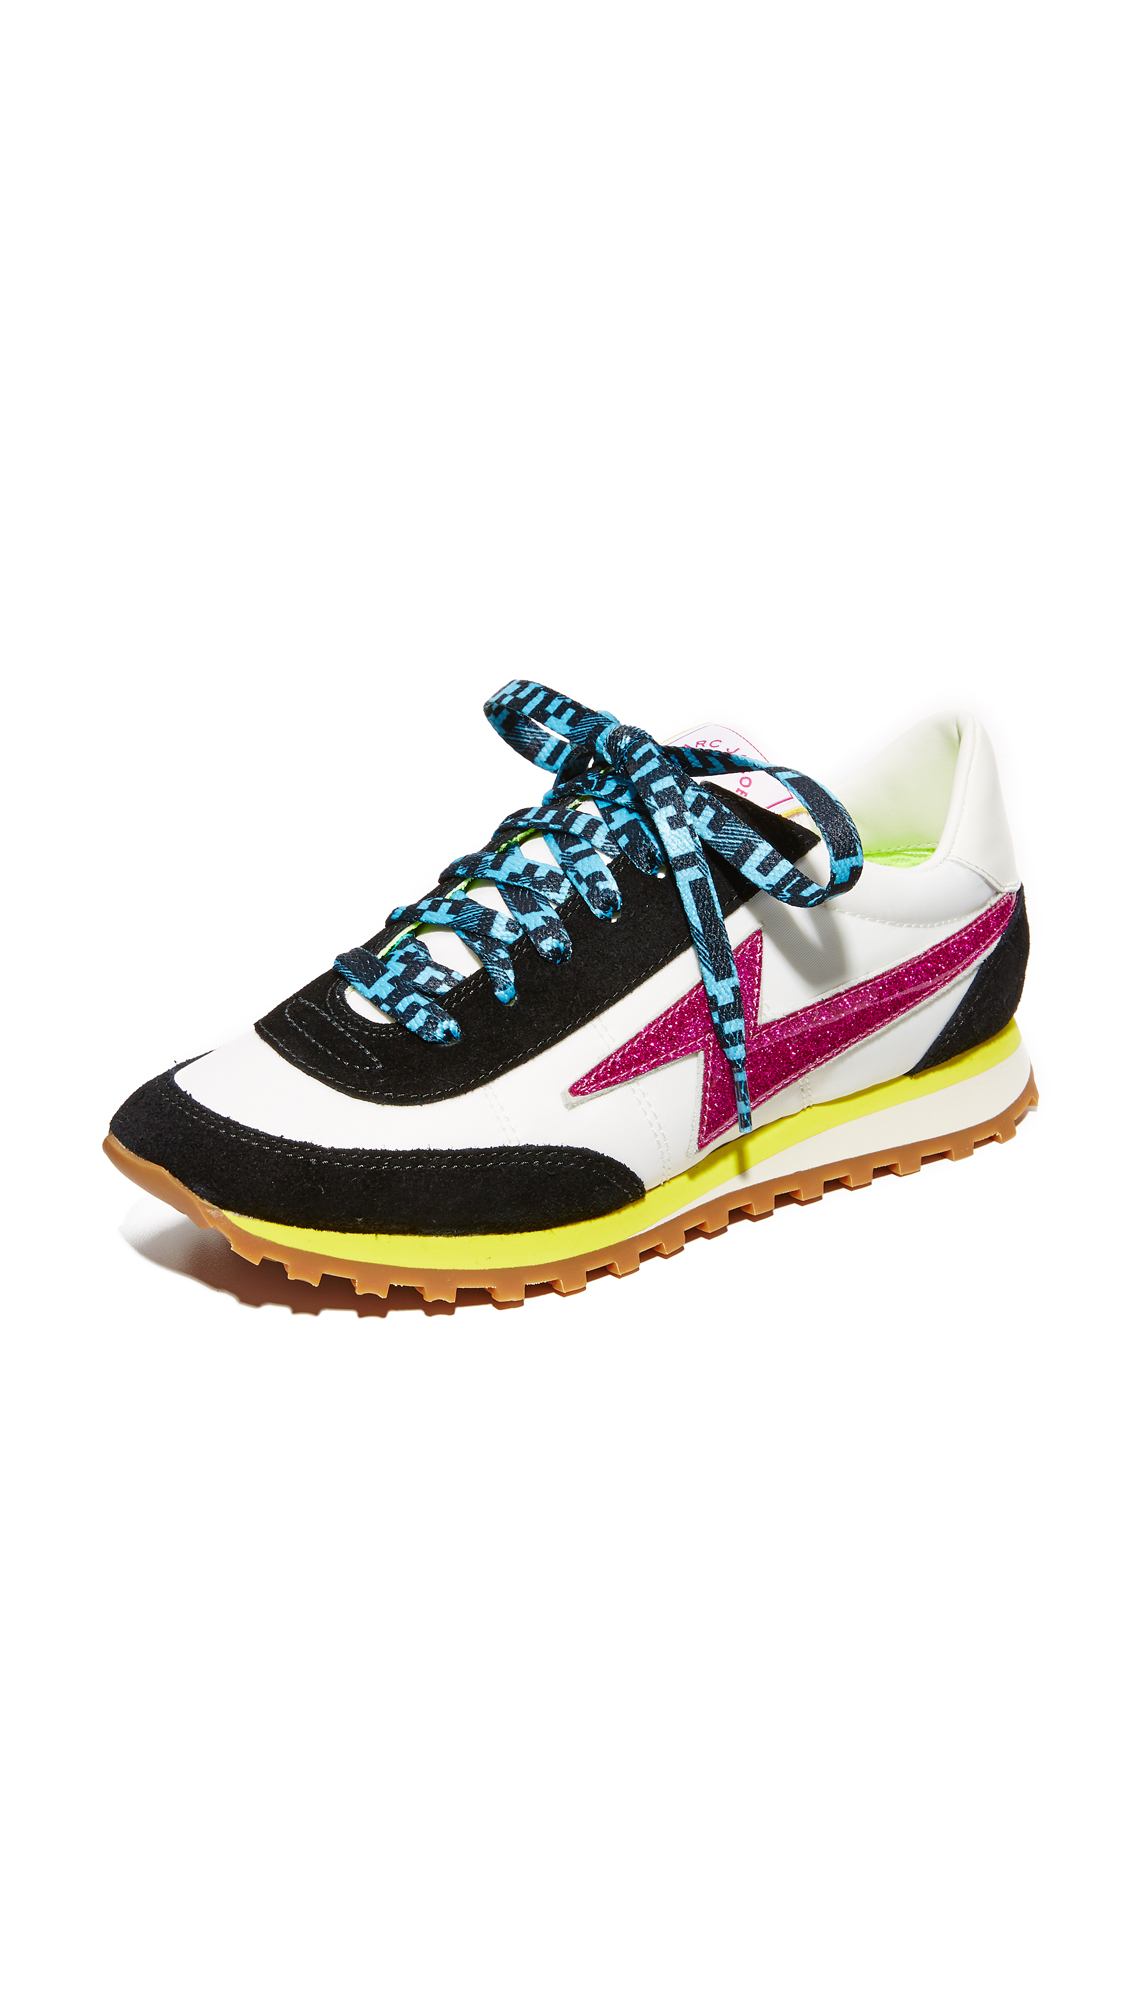 marc jacobs female marc jacobs astor lightning bolt sneakers white multi